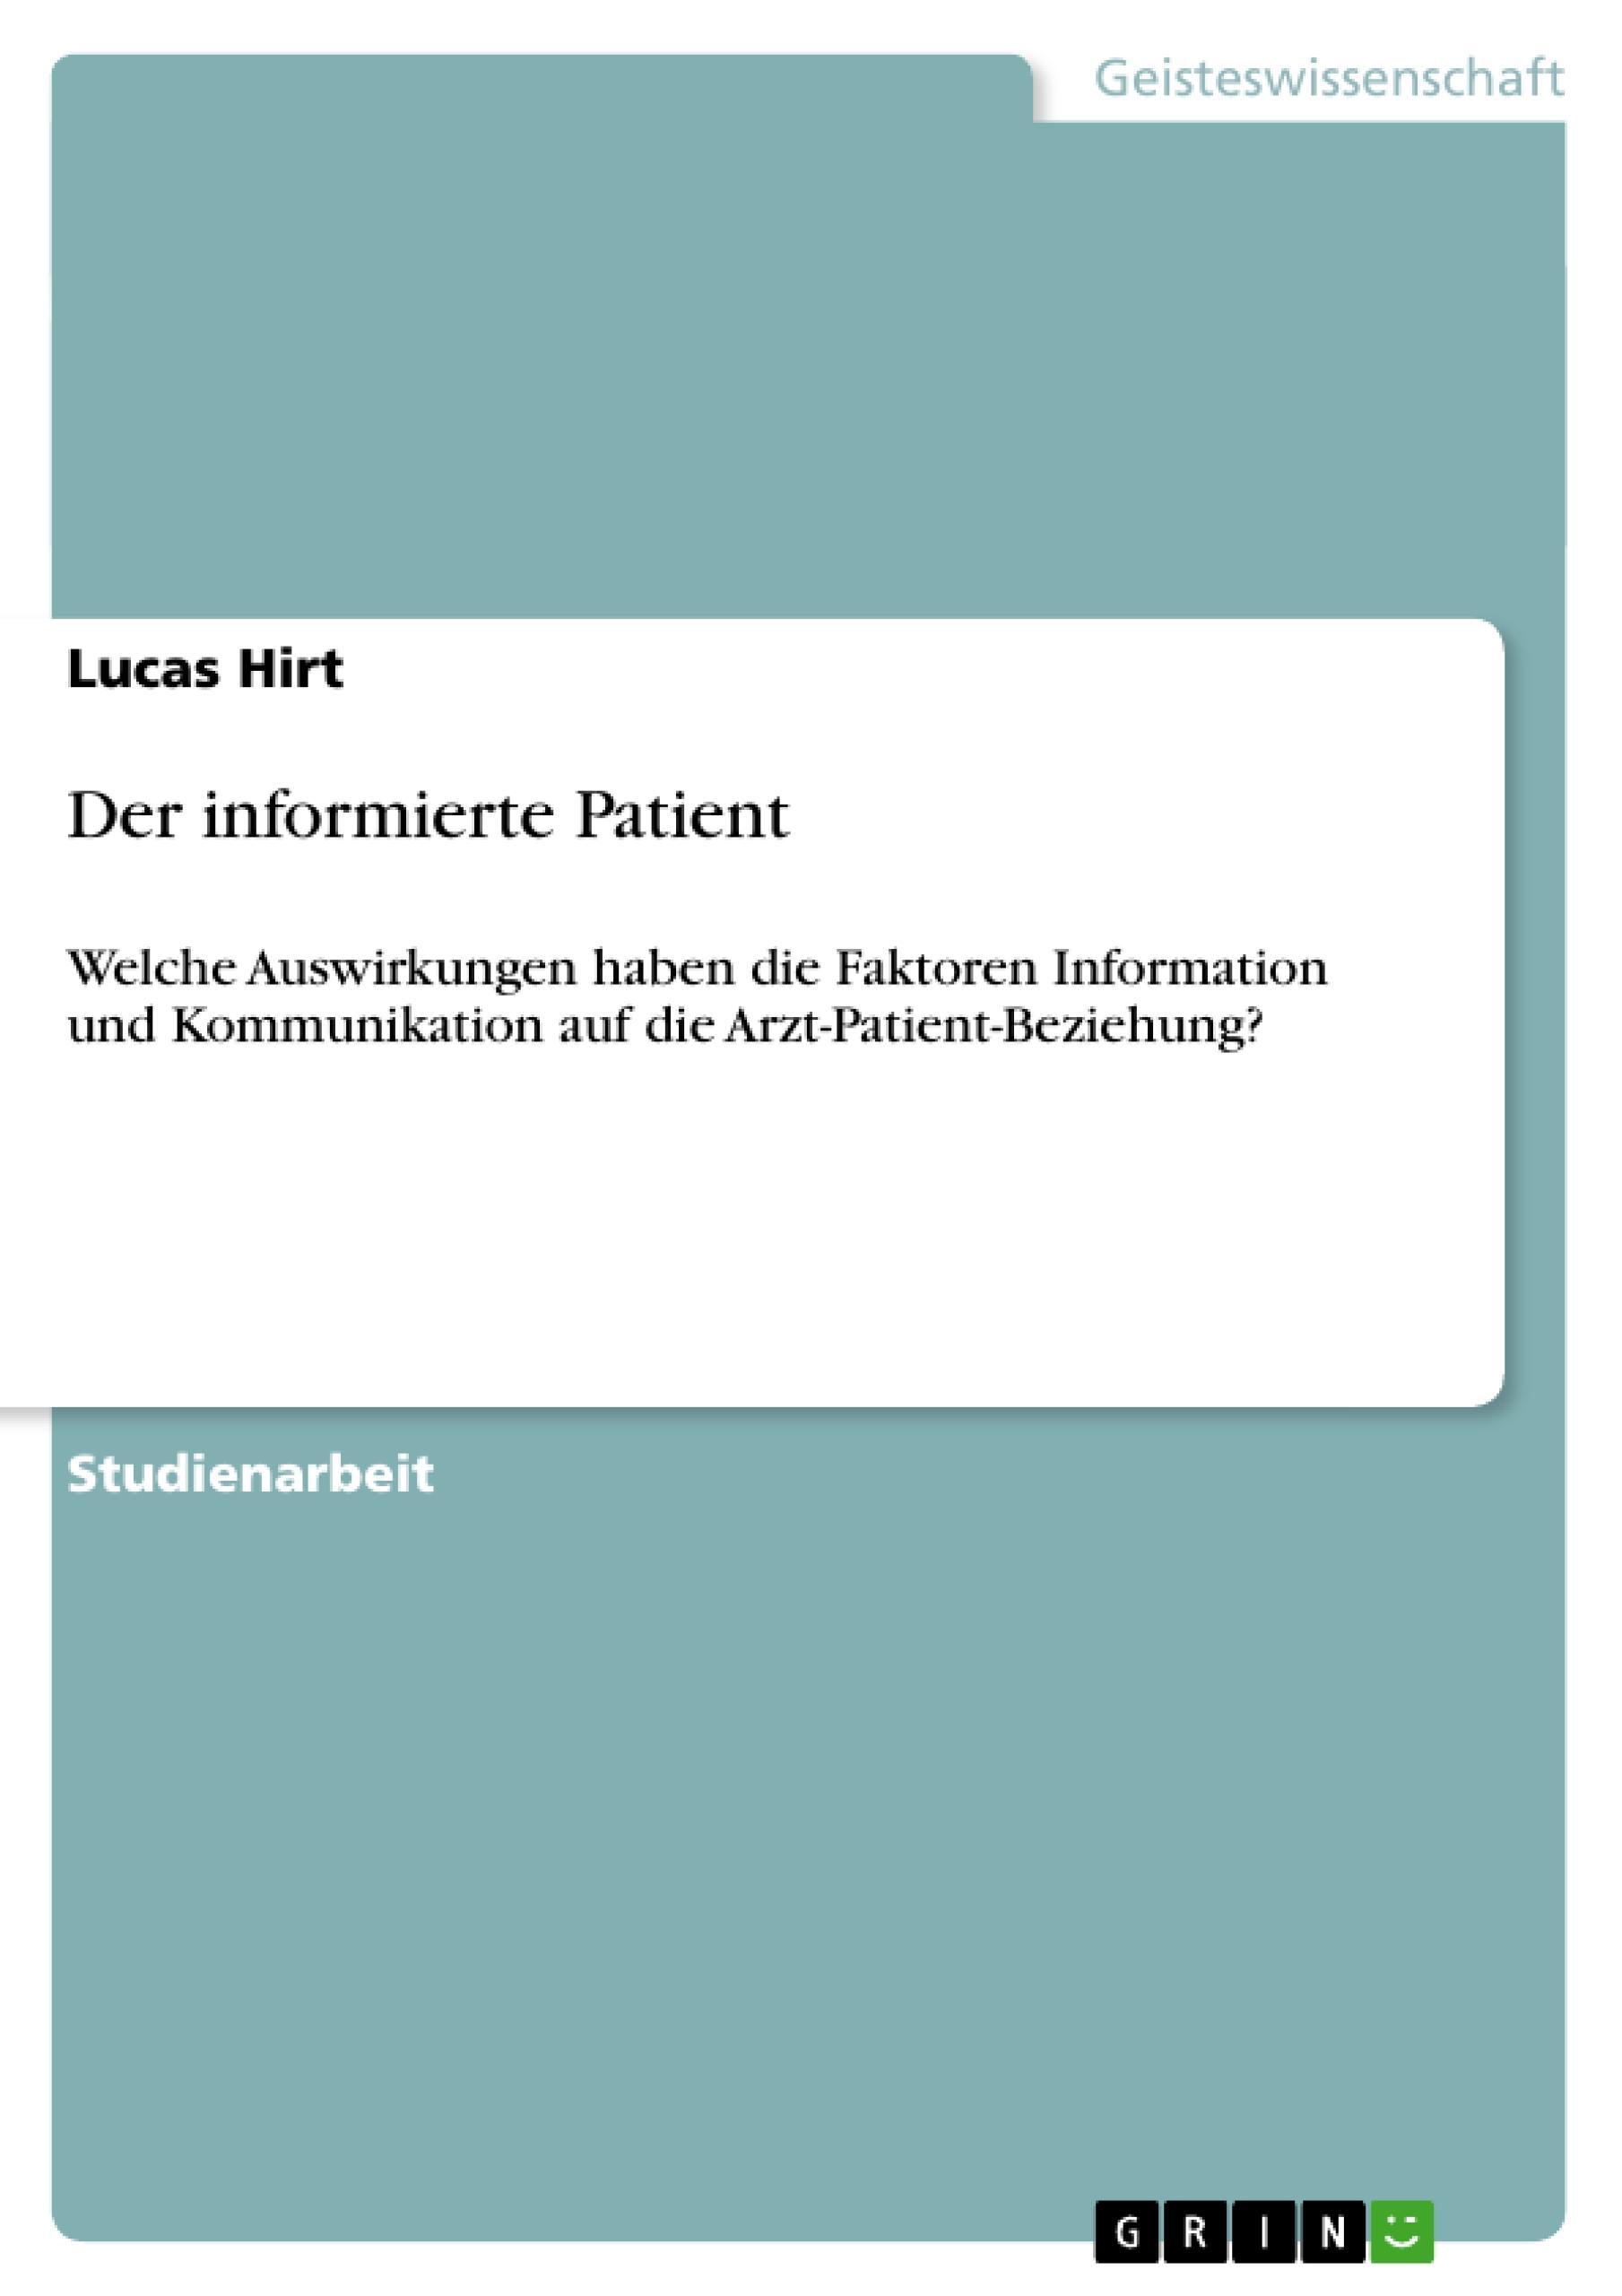 Der informierte Patient  Welche Auswirkungen haben die Faktoren Information und Kommunikation auf die Arzt-Patient-Beziehung?  Lucas Hirt  Broschüre  Deutsch  2010 - Hirt, Lucas